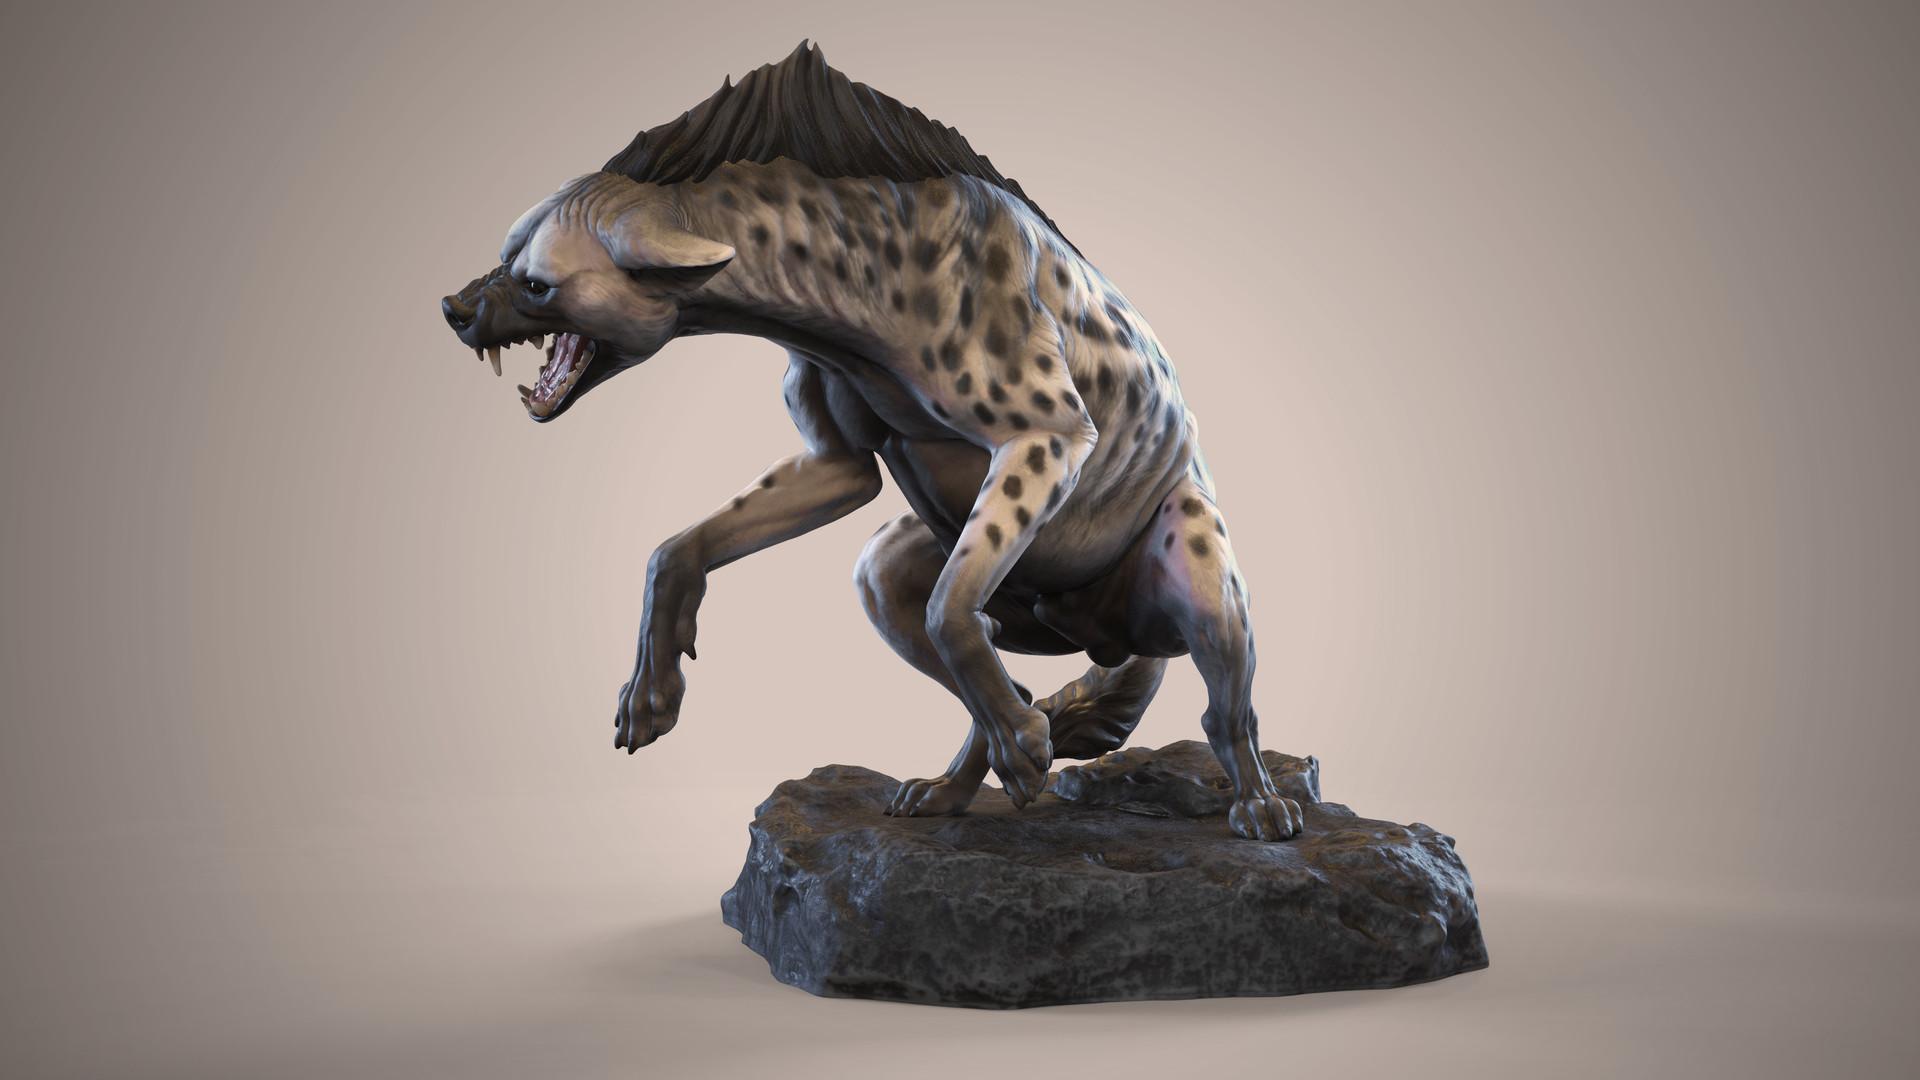 Krystal sae eua hyenacompa